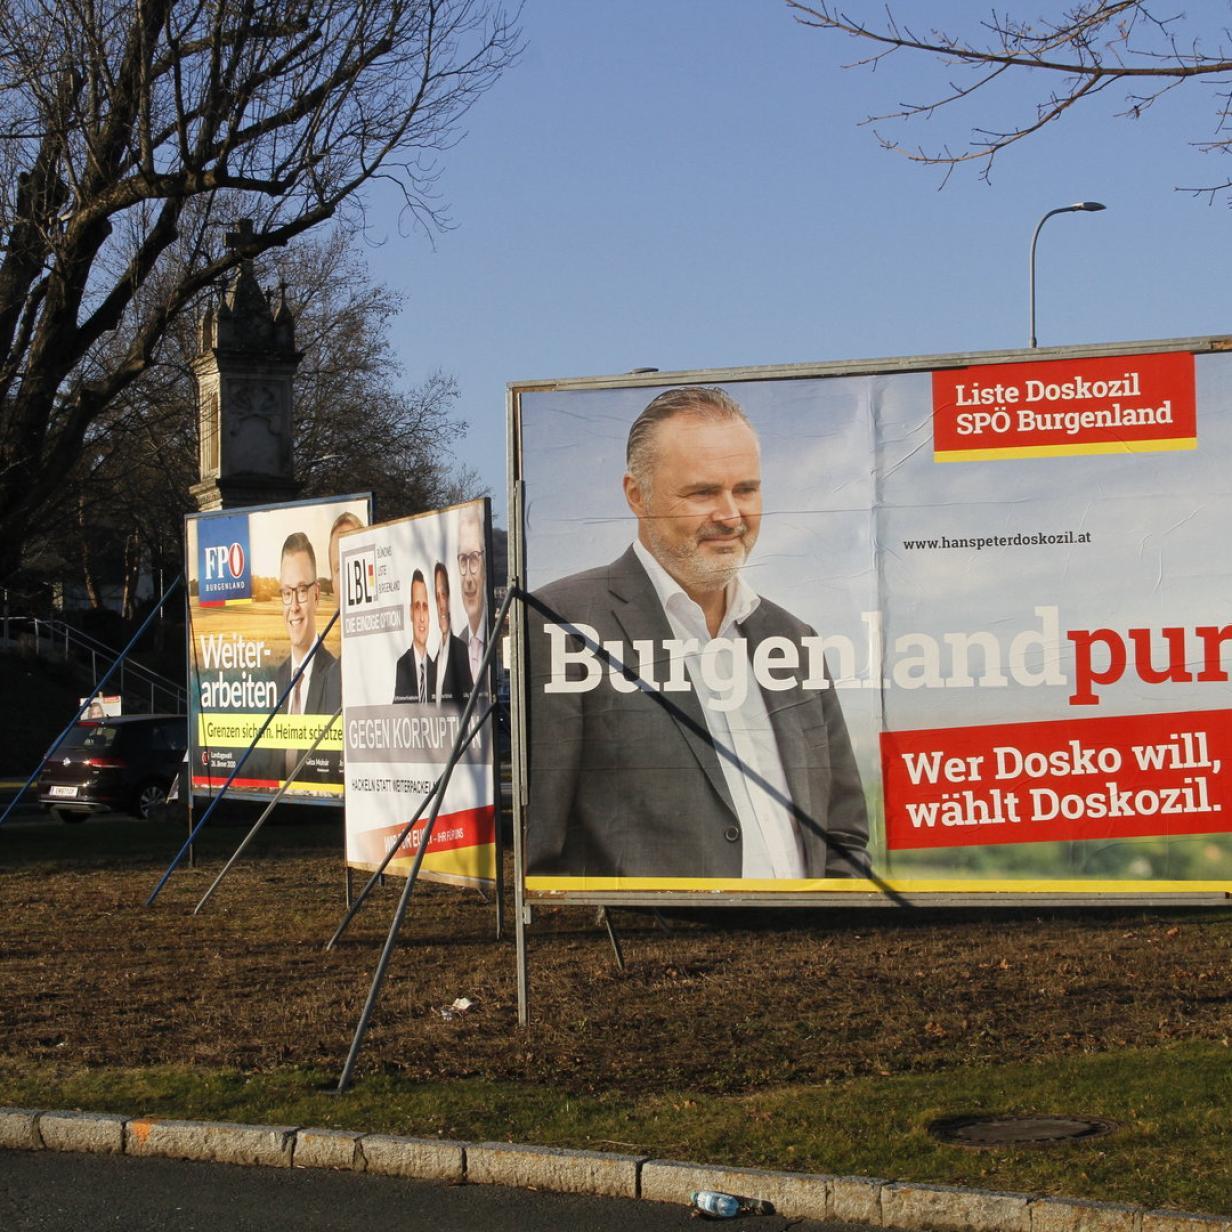 Wahlkampf-Finish: Minister-Meetings und Meilensteine